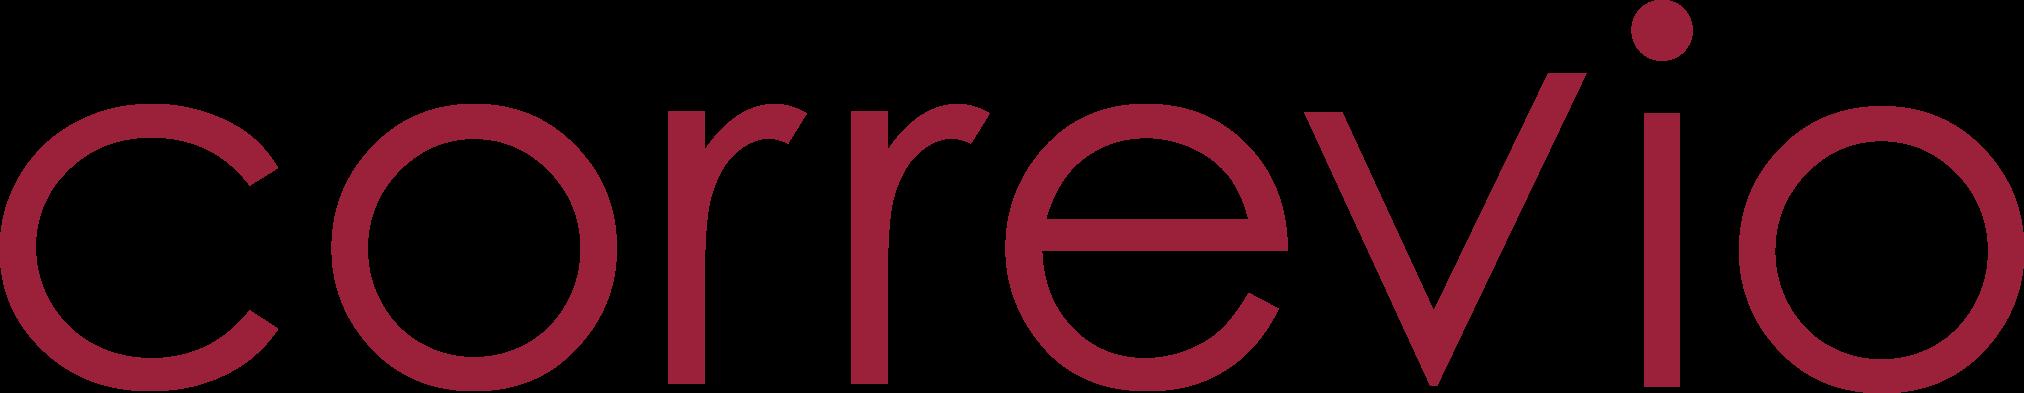 logo_correvio_1554391637